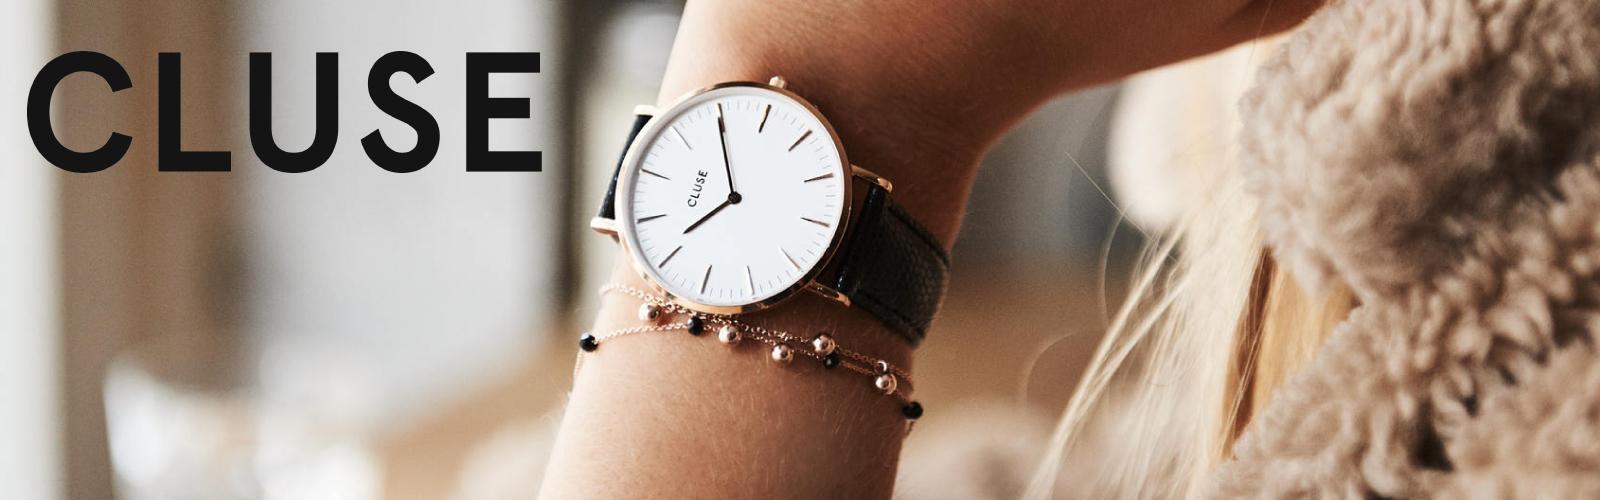 CLUSE-horloge-populaire-horloge-kopen-bij-Wolters-Juweliers-Coevorden-Emmen-Hardenberg